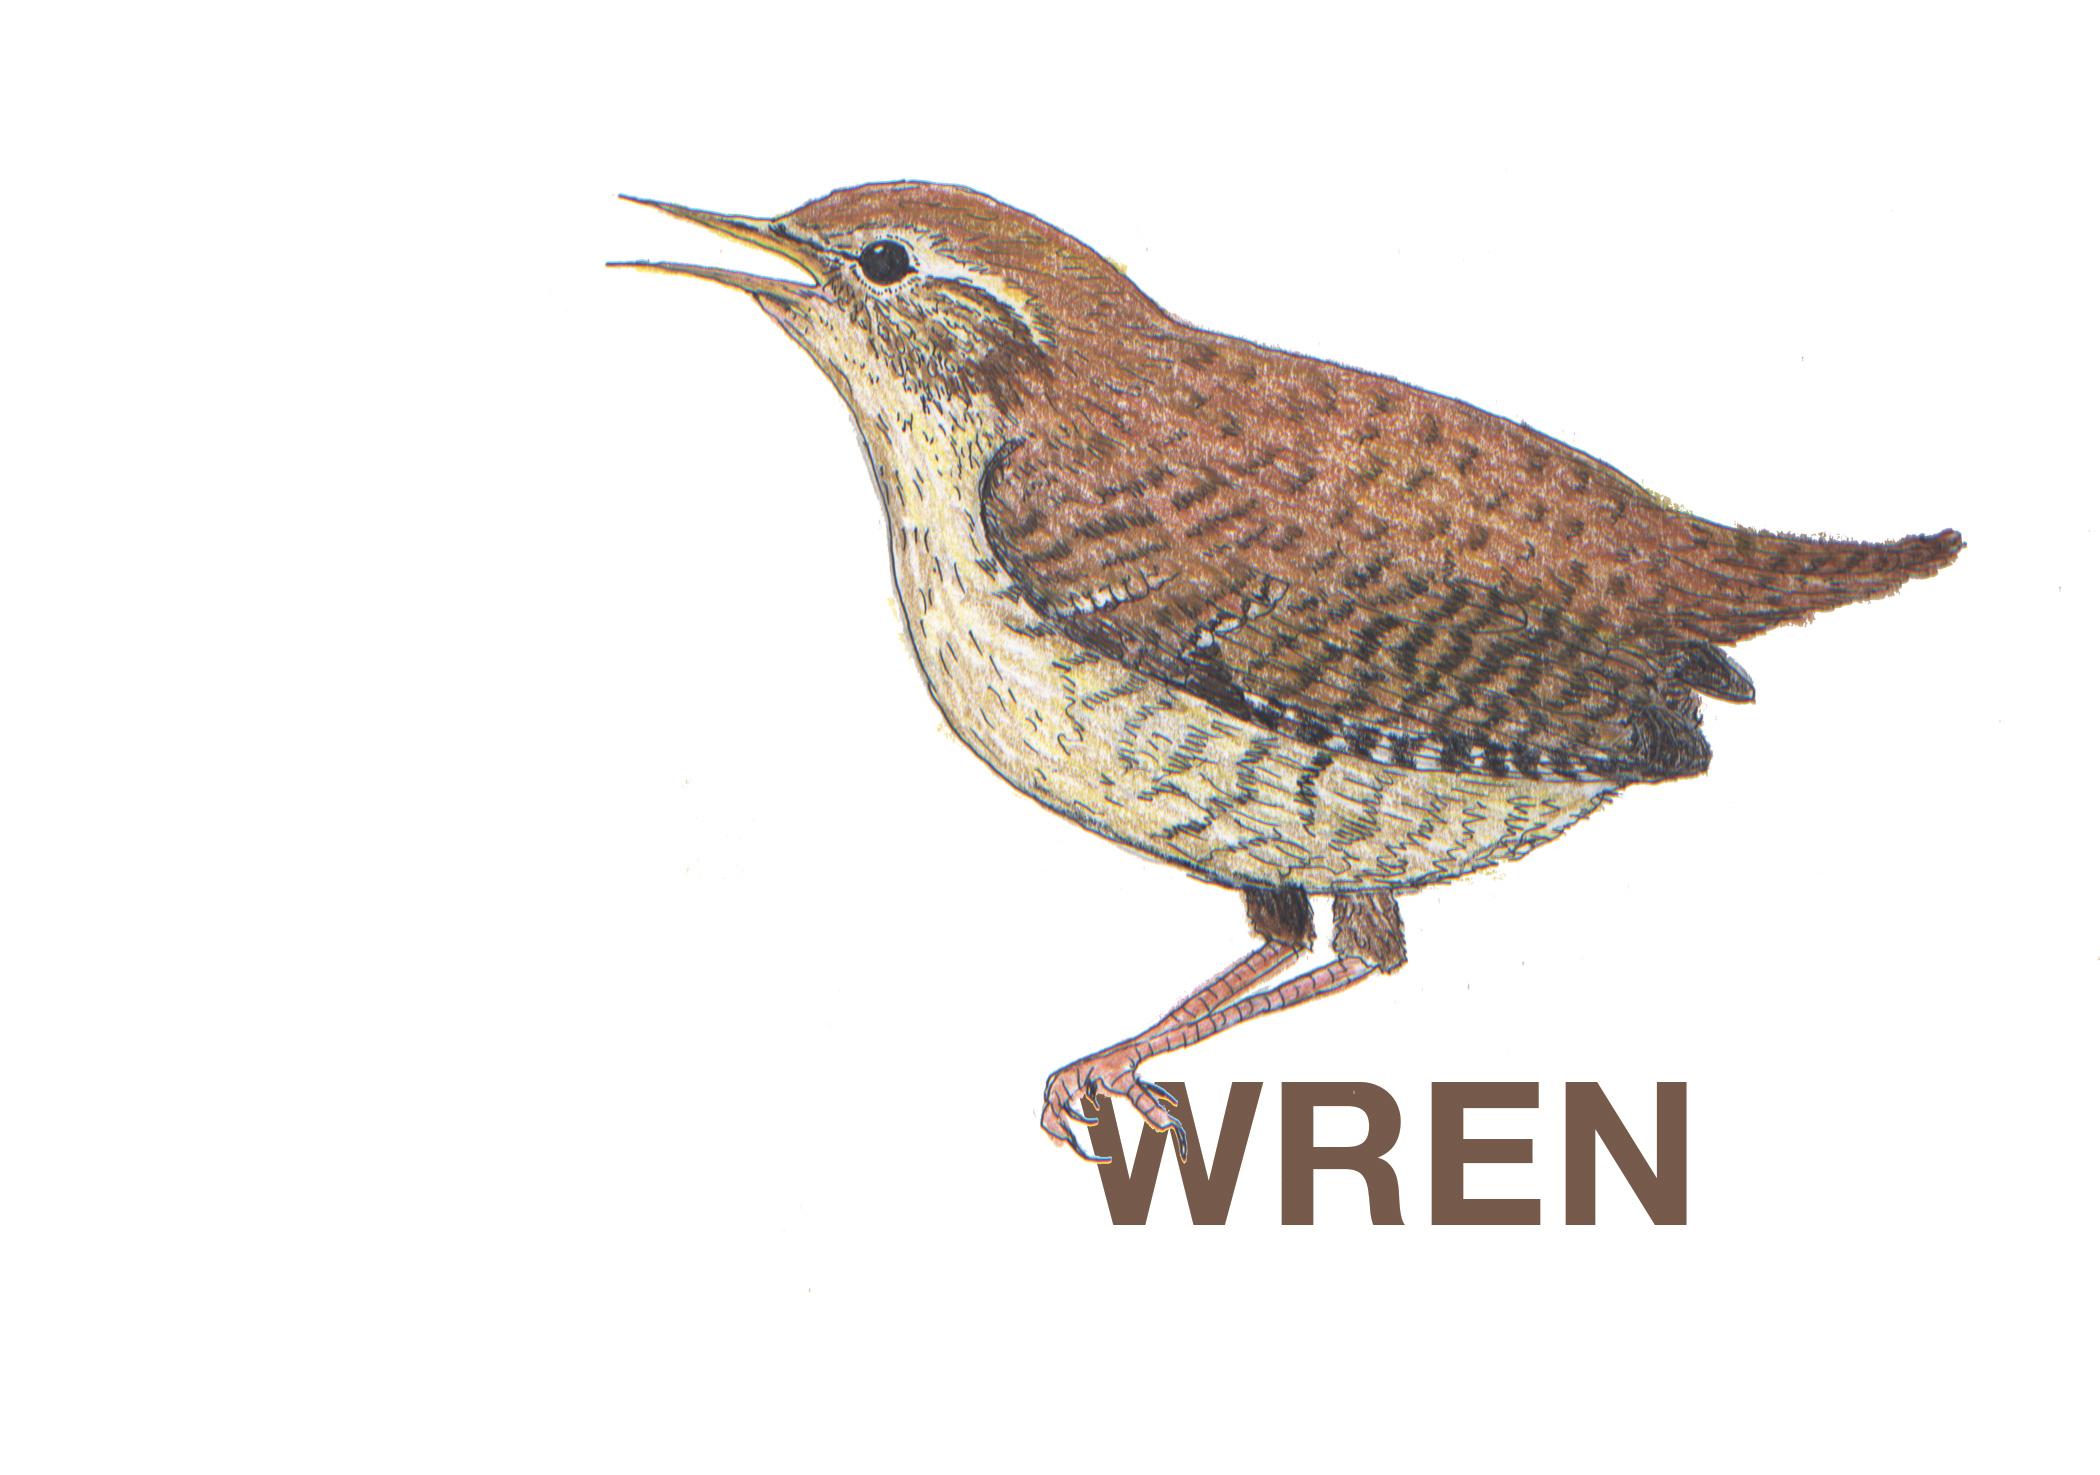 WRENWREN